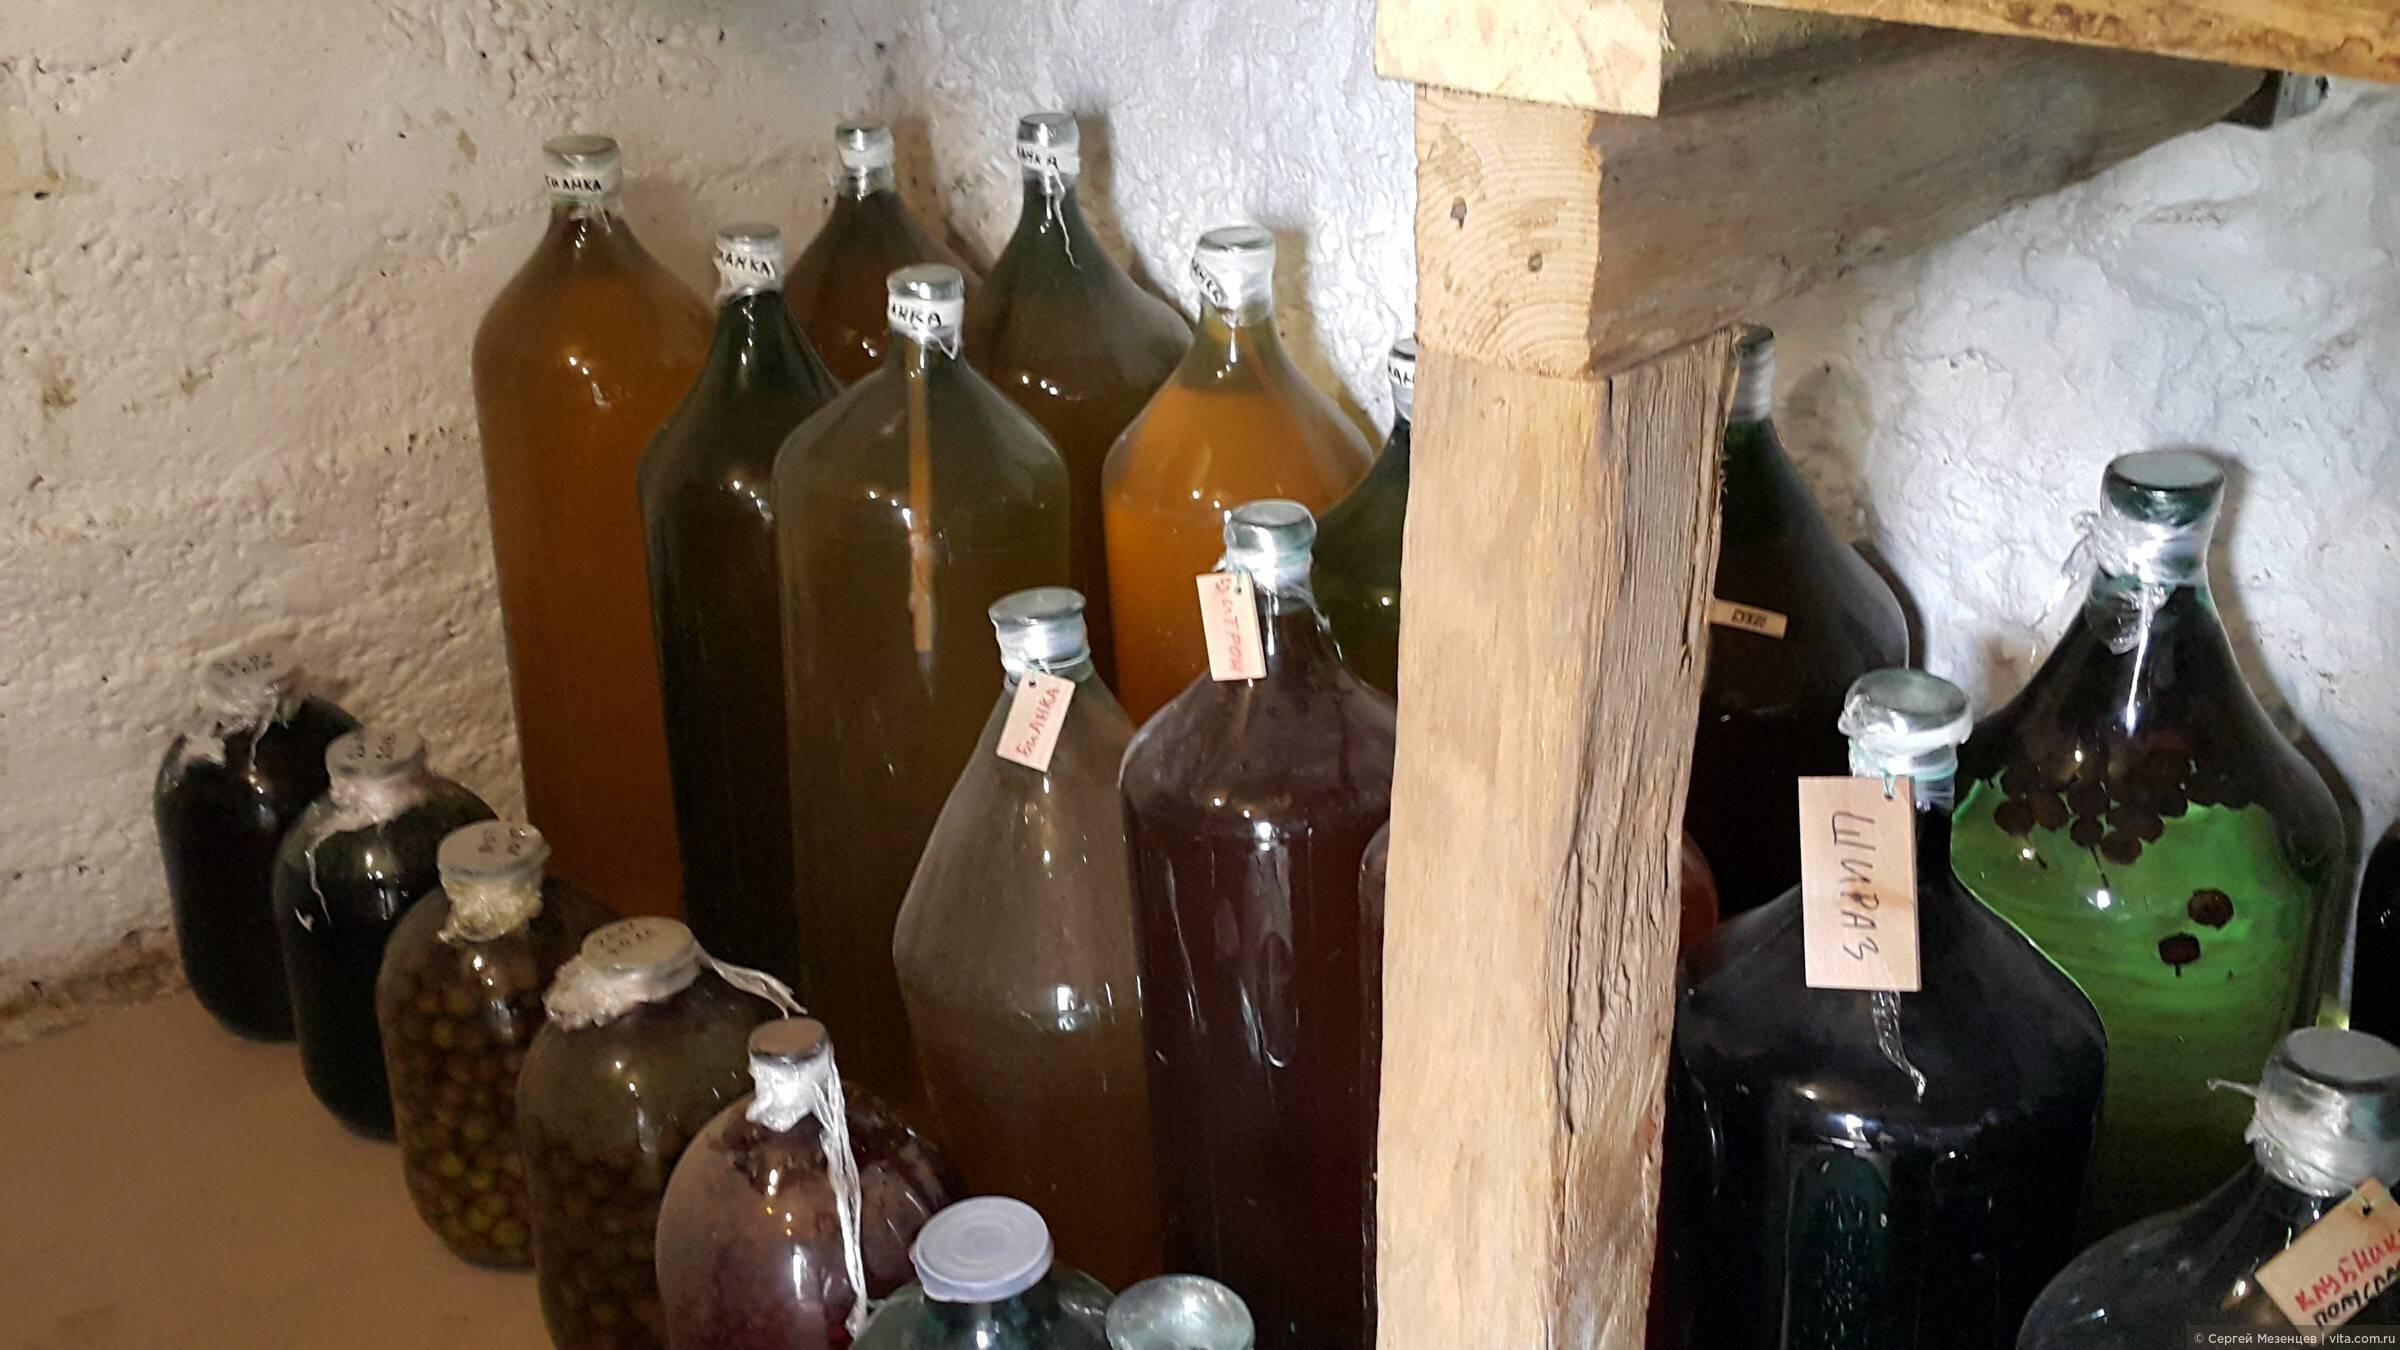 Как производить и продавать домашнее вино правильно ⛳️ алко профи